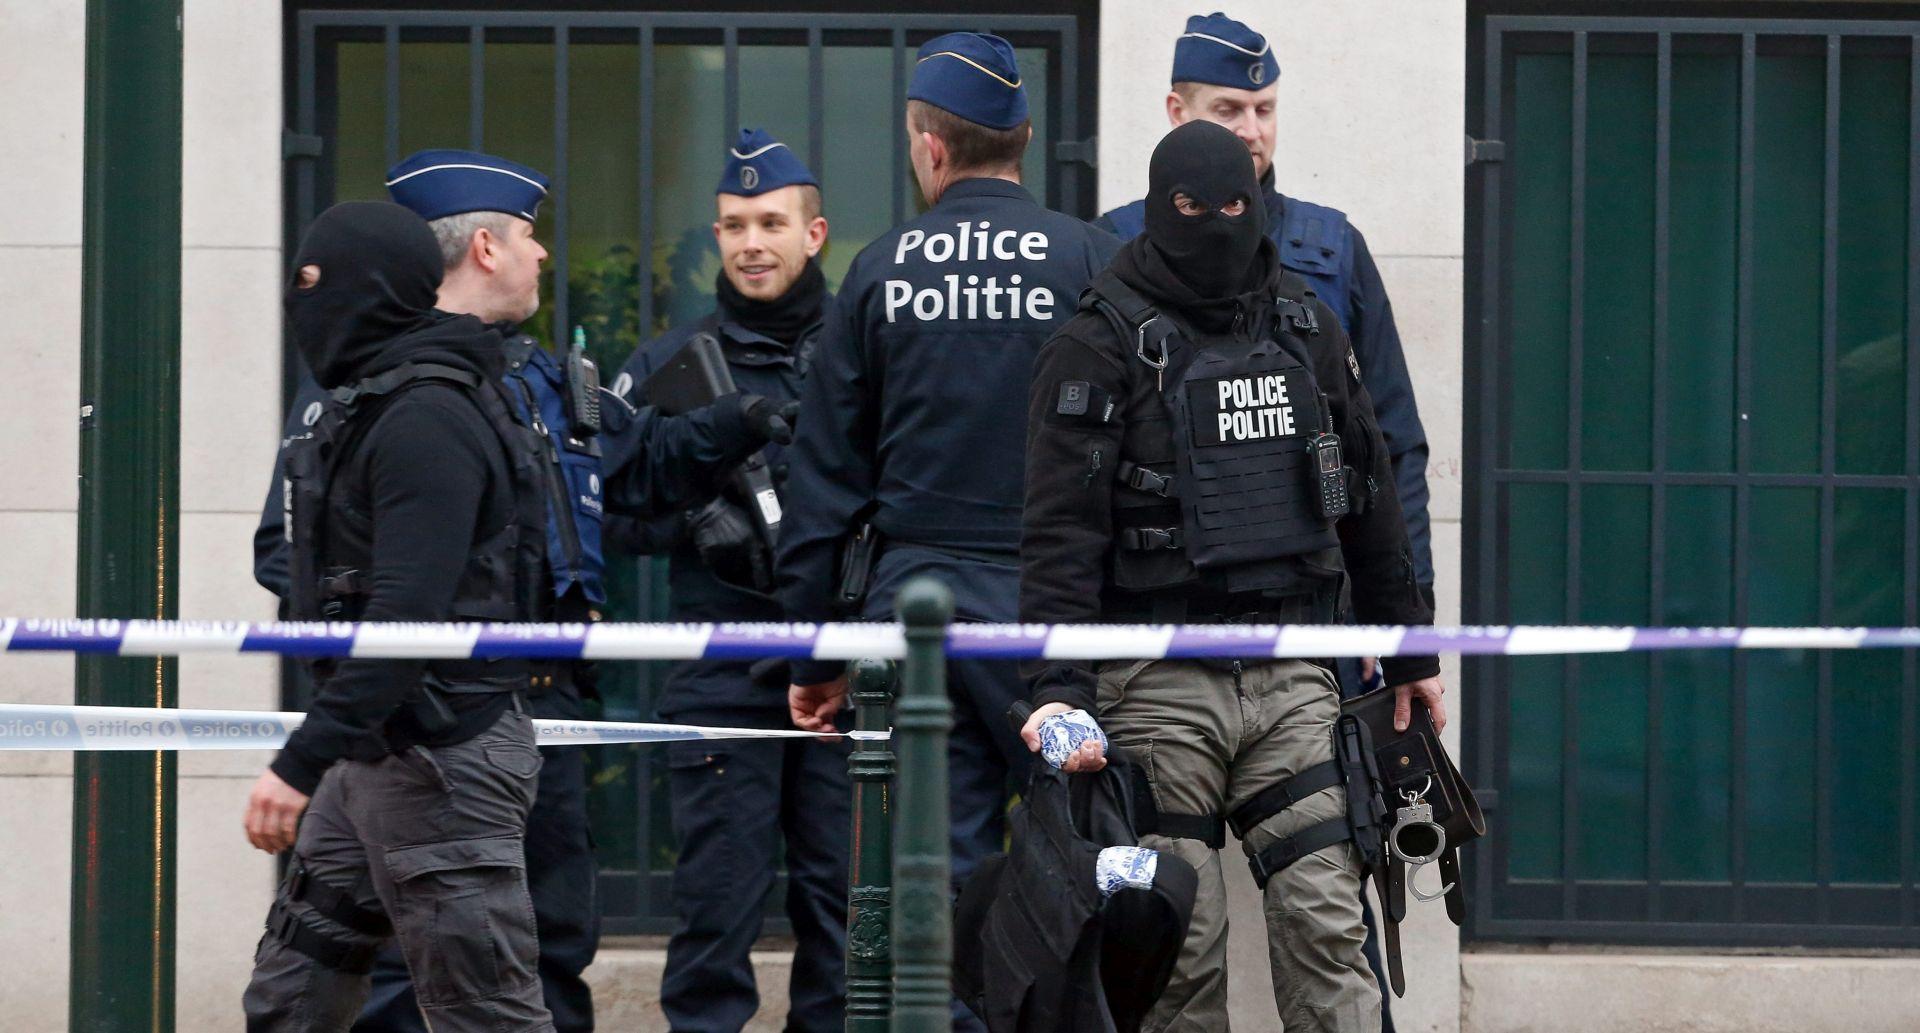 UHIĆEN OSUMNJIČENI ZA PARIŠKE NAPADE Policija vjeruje da je ista osoba 'muškarac sa šeširom' iz Bruxellesa